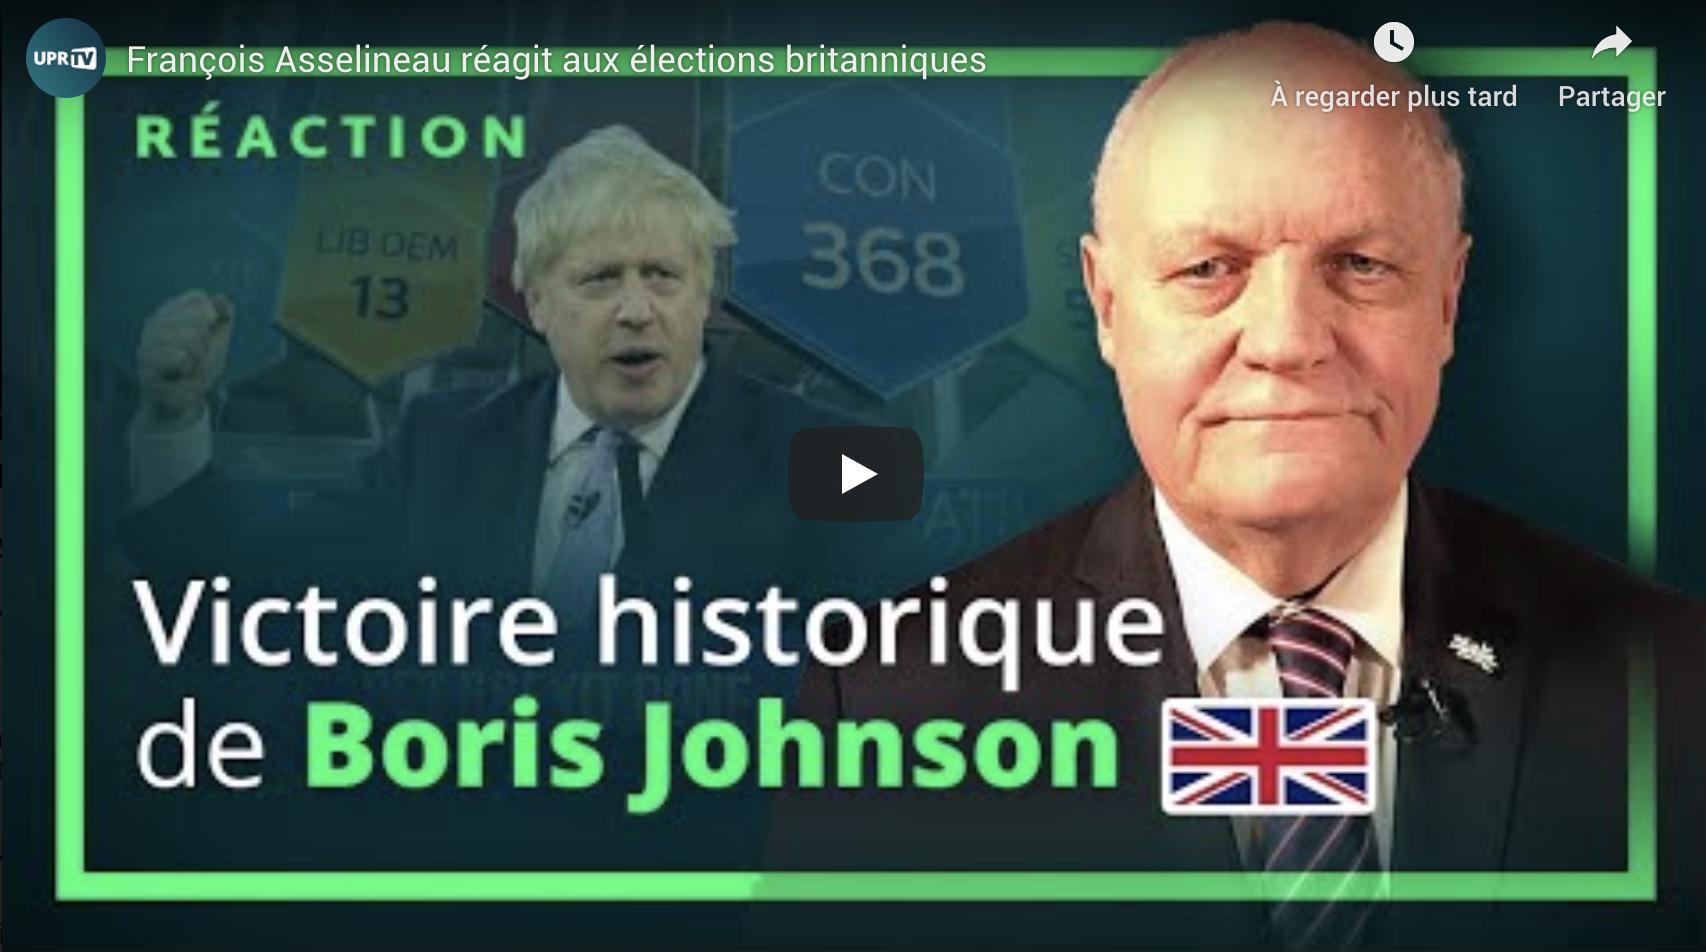 François Asselineau réagit aux élections britanniques (VIDÉO)